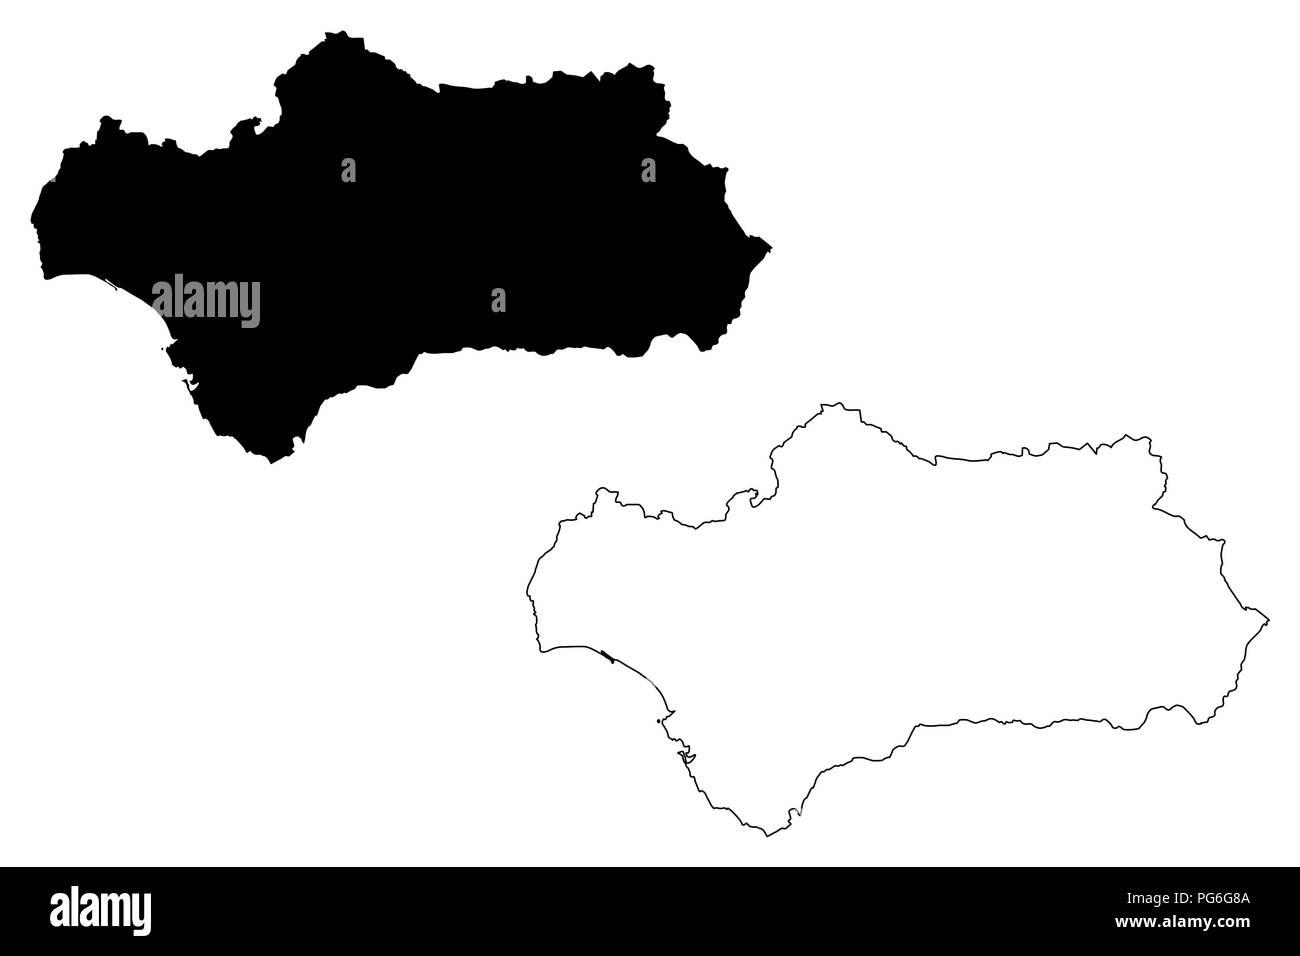 Andalusien Karte Spanien.Andalusien Königreich Spanien Autonome Gemeinschaft Karte Vektor